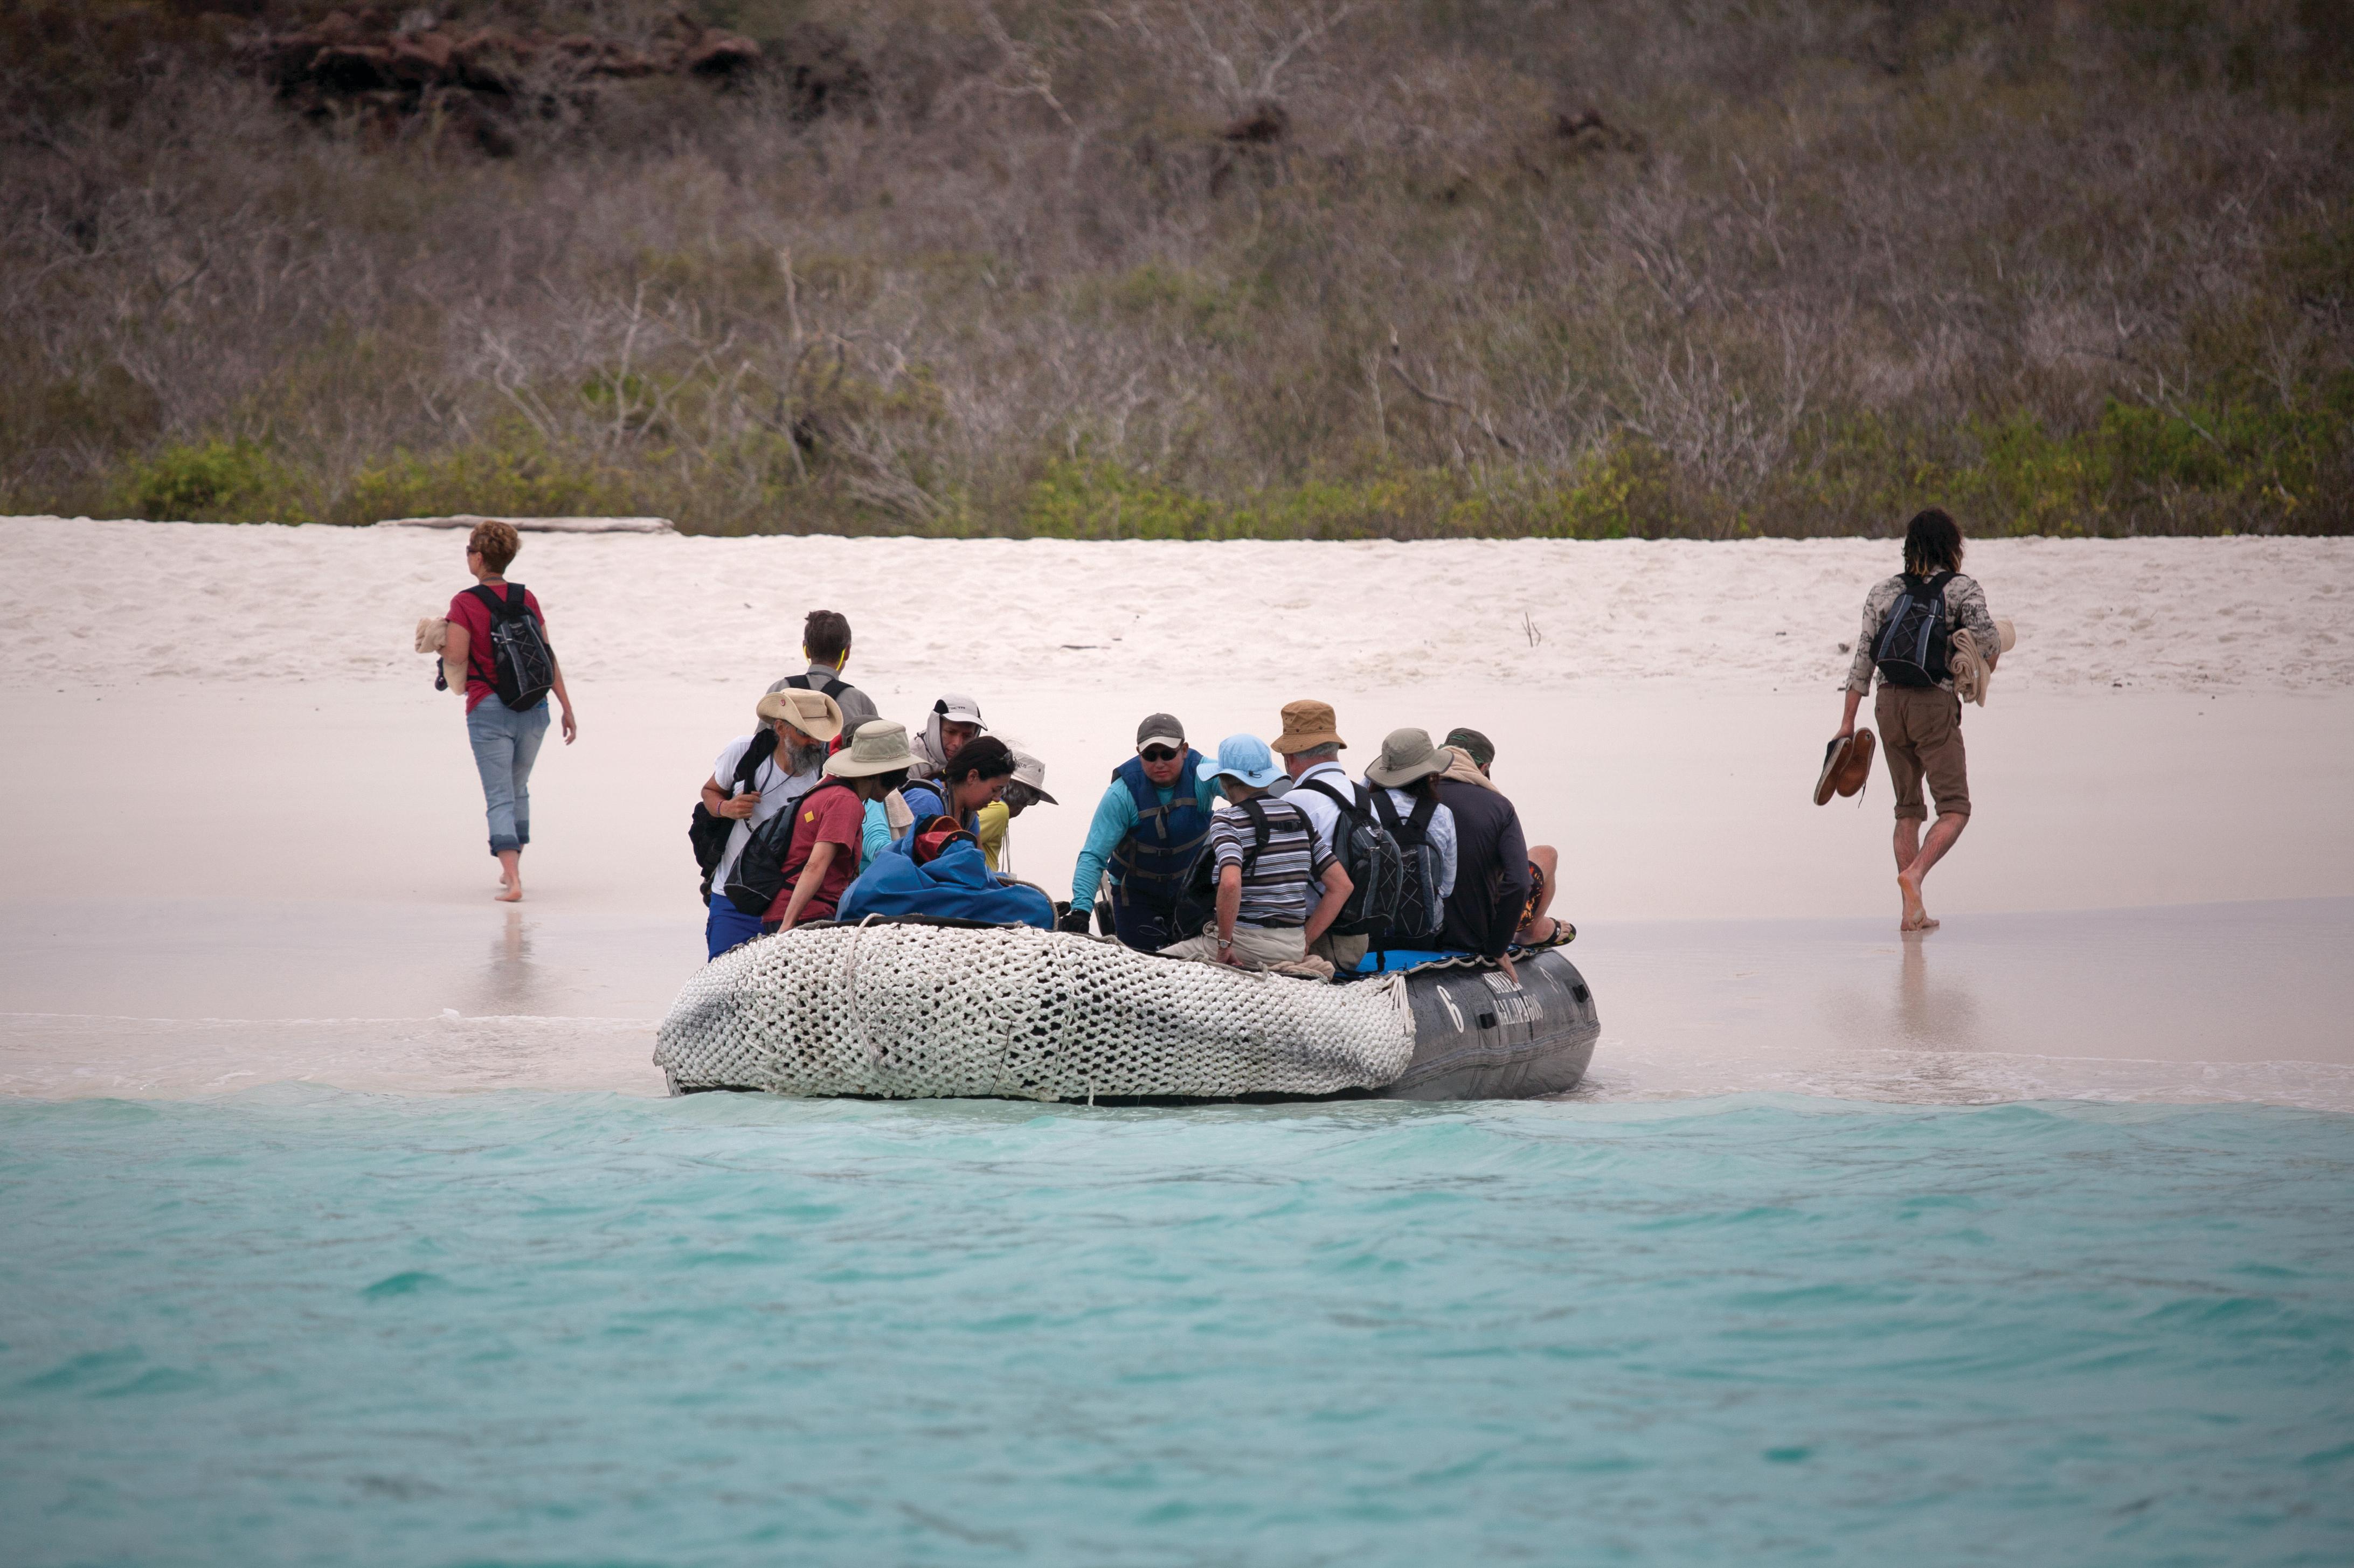 Silversea - Zodiac landing on Espanola, Galapagos